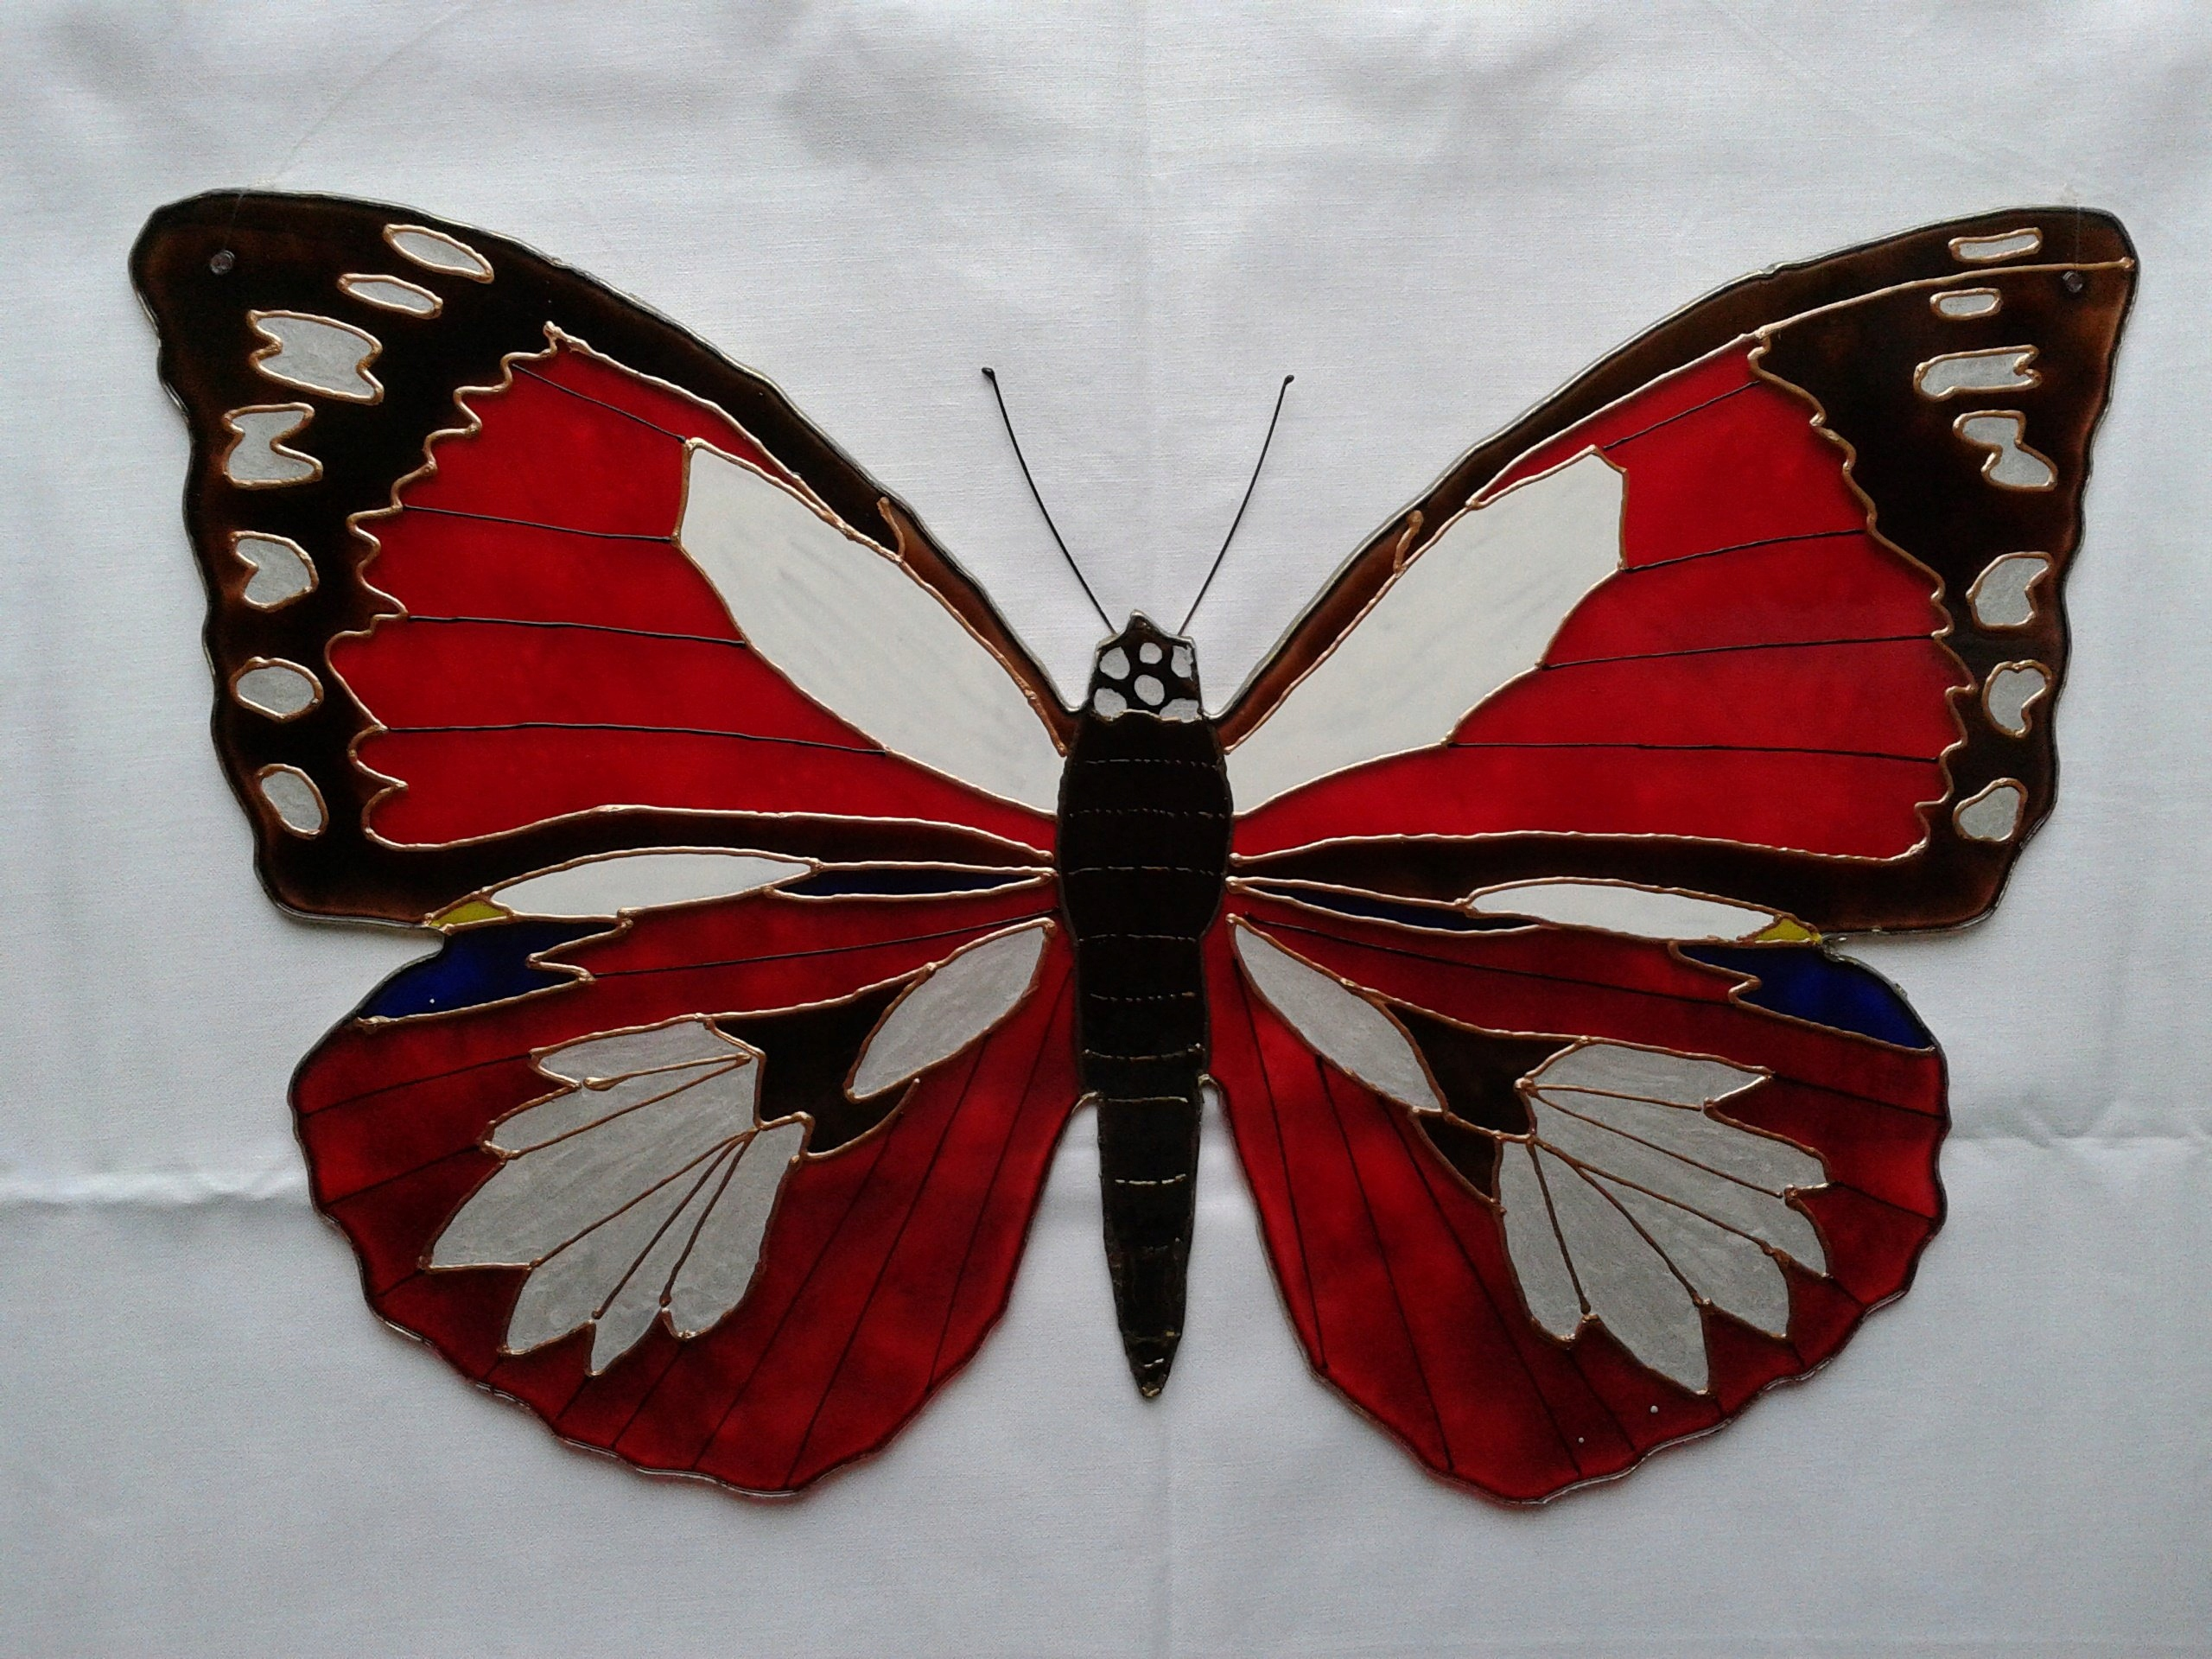 Duże Motyle Dekoracyjne 7538333292 Oficjalne Archiwum